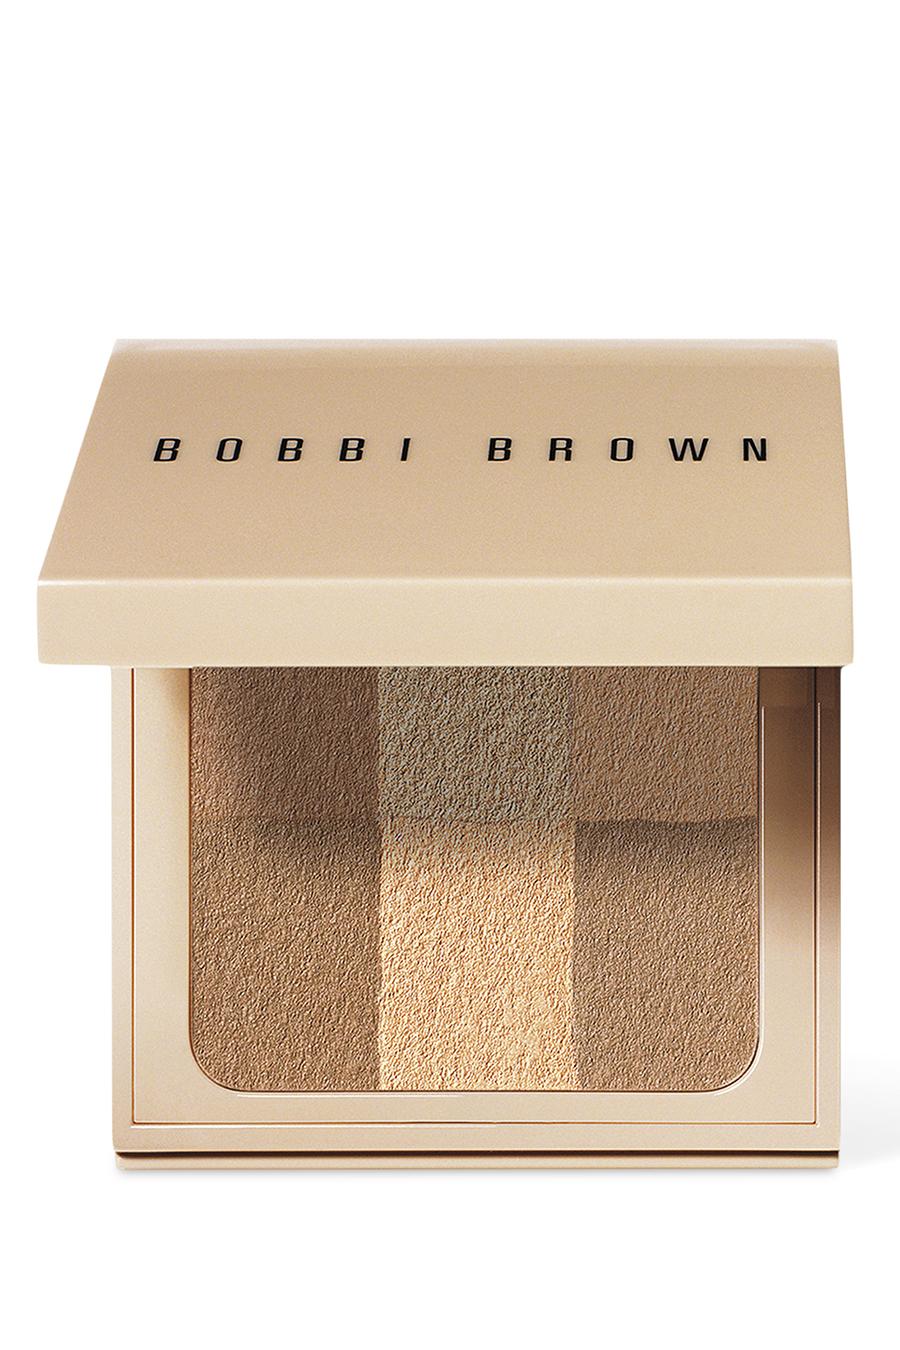 Bobbi Brown Nude Finish Illuminating Powder | Jarrold, Norwich